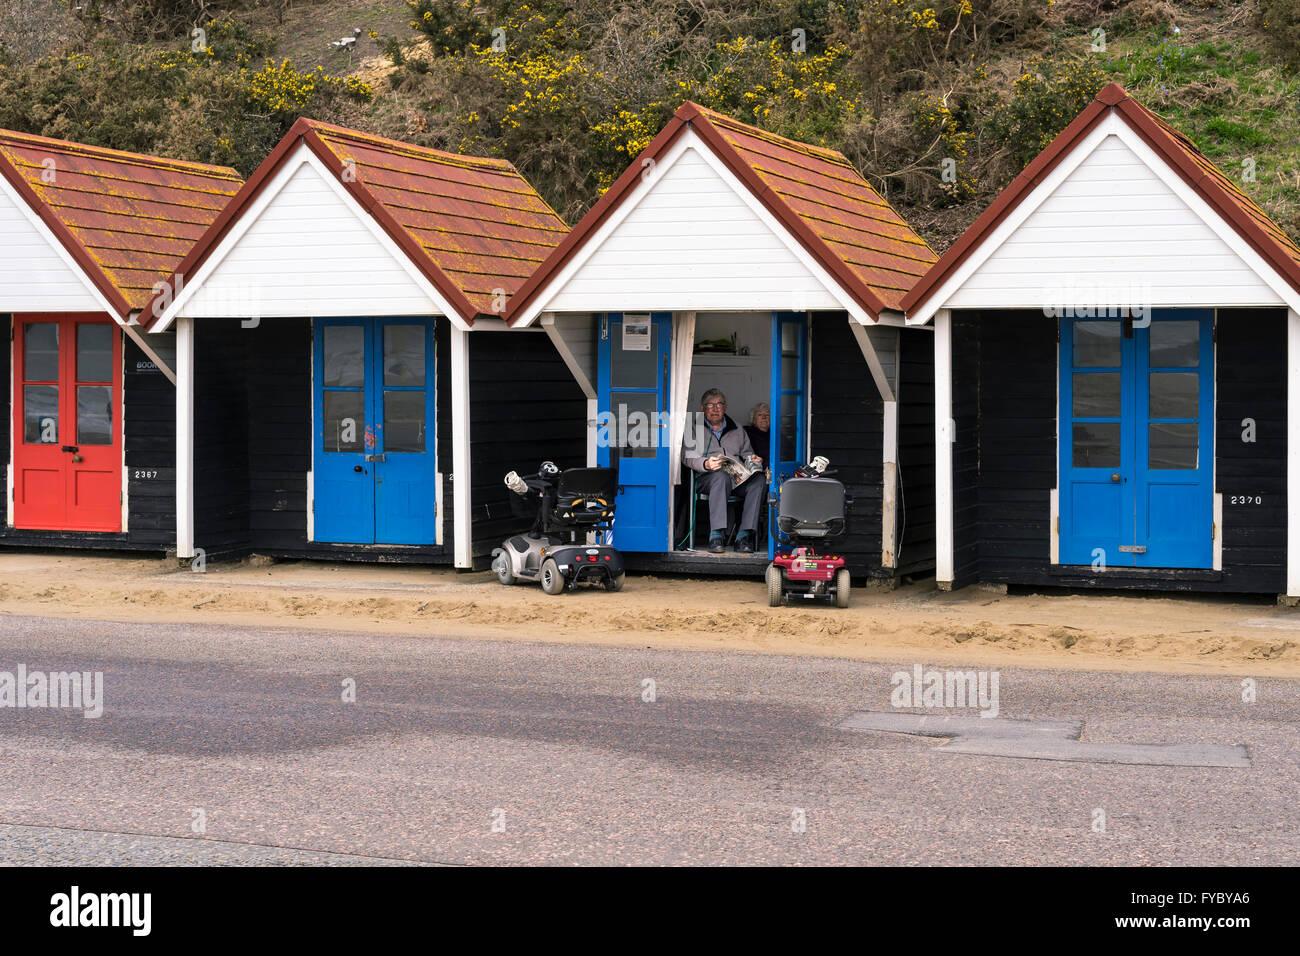 Älteres Ehepaar sitzen in einer öffentlichen Verleih Strandhütte mit paar Scooter geparkt außerhalb, Bournemouth, Stockfoto